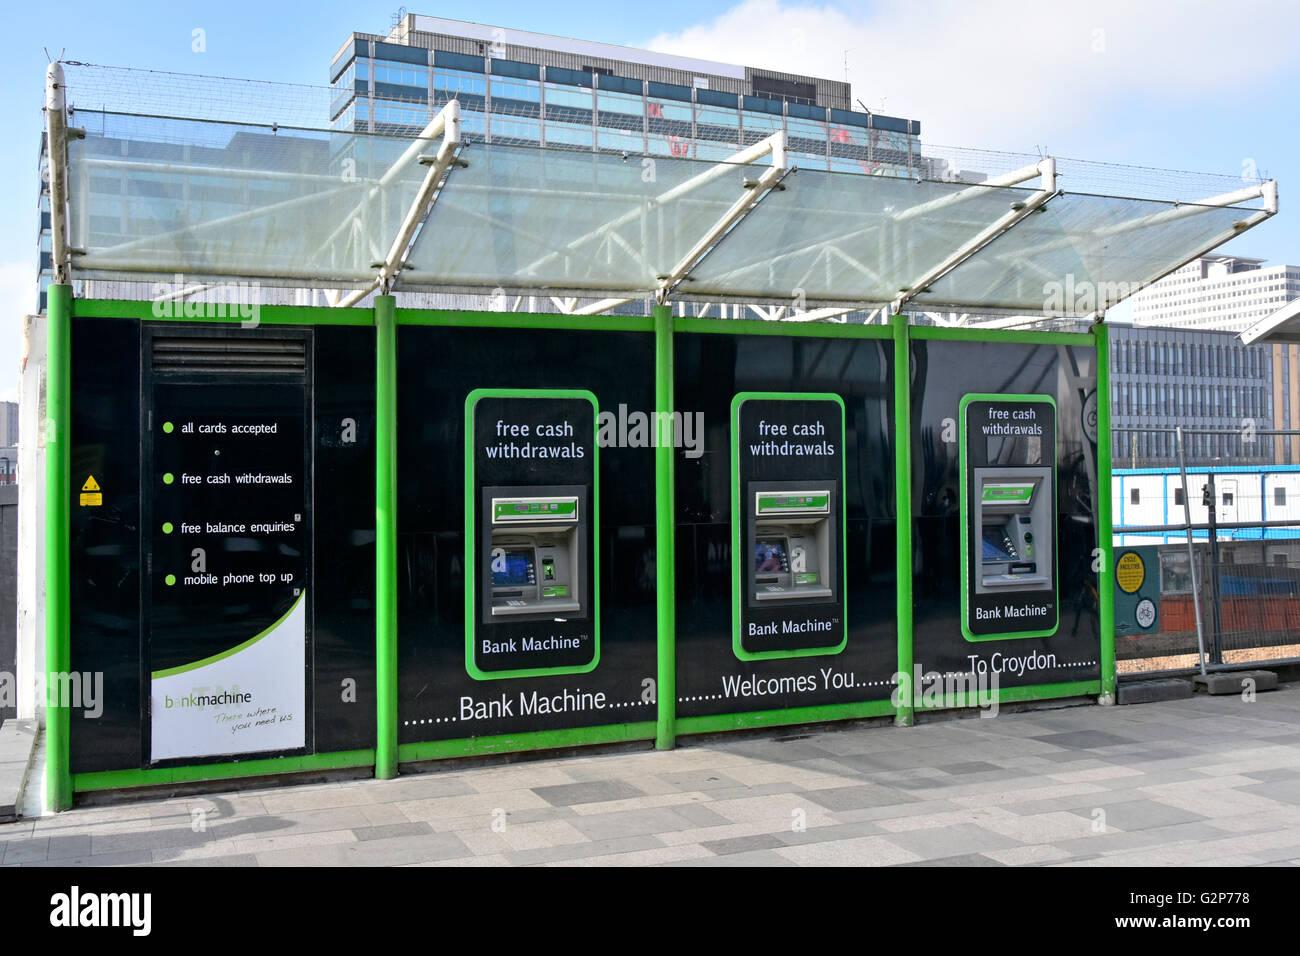 Guichet automatique à trois guichets automatiques dans le comptoir de caisse mural Distributeurs d'argent à l'extérieur de la gare de Croydon East, Londres, Angleterre ROYAUME-UNI Banque D'Images